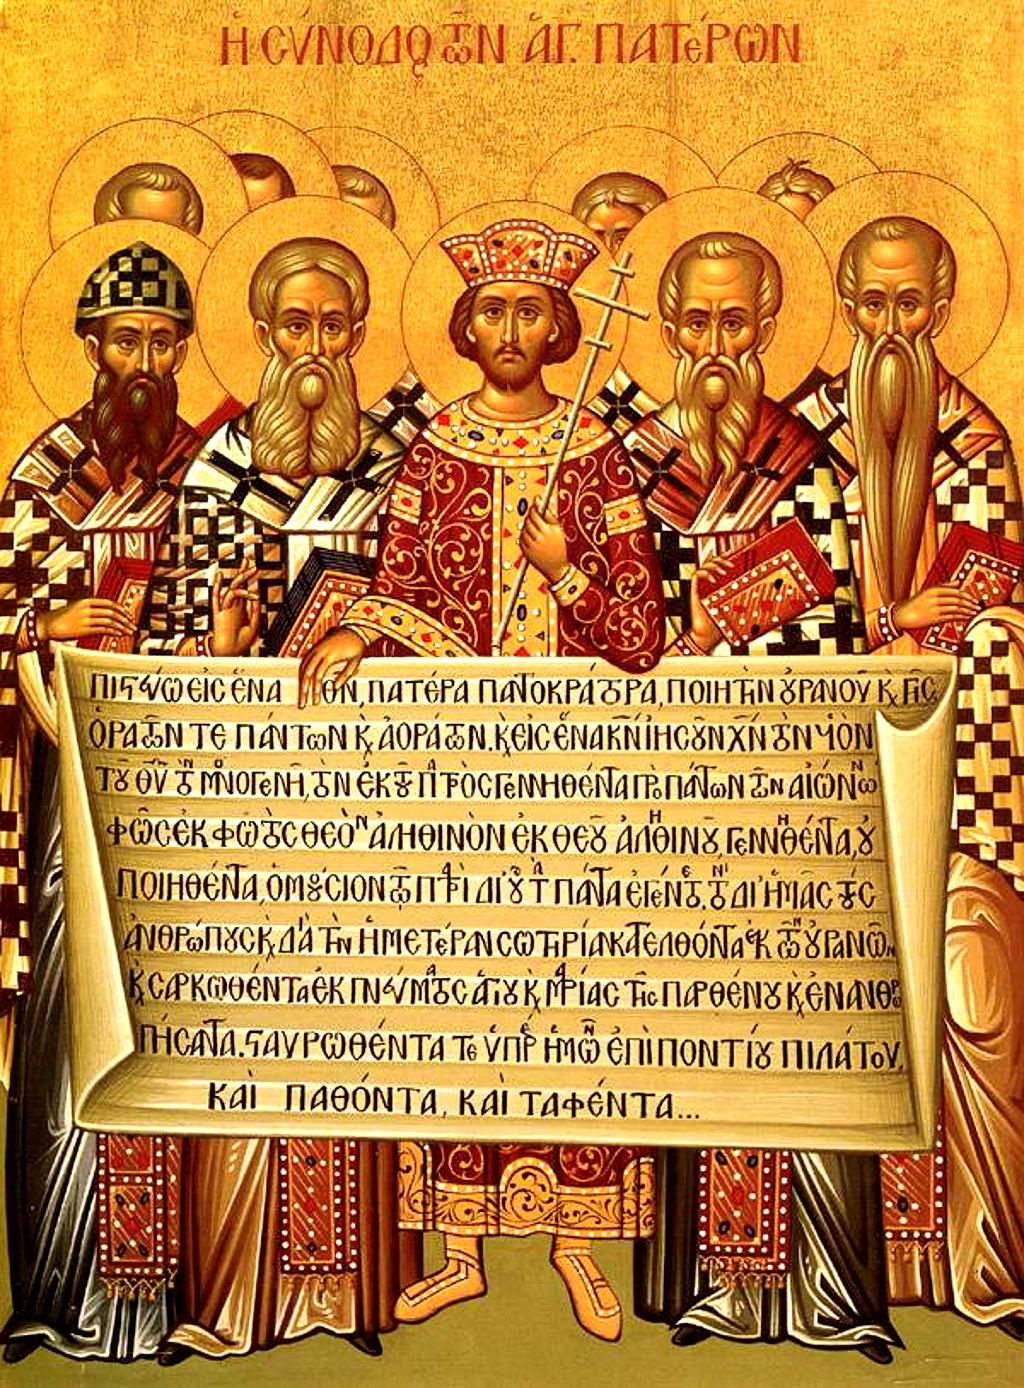 Les pères de l'Église croyaient-ils tous à la transsubstantiation ?